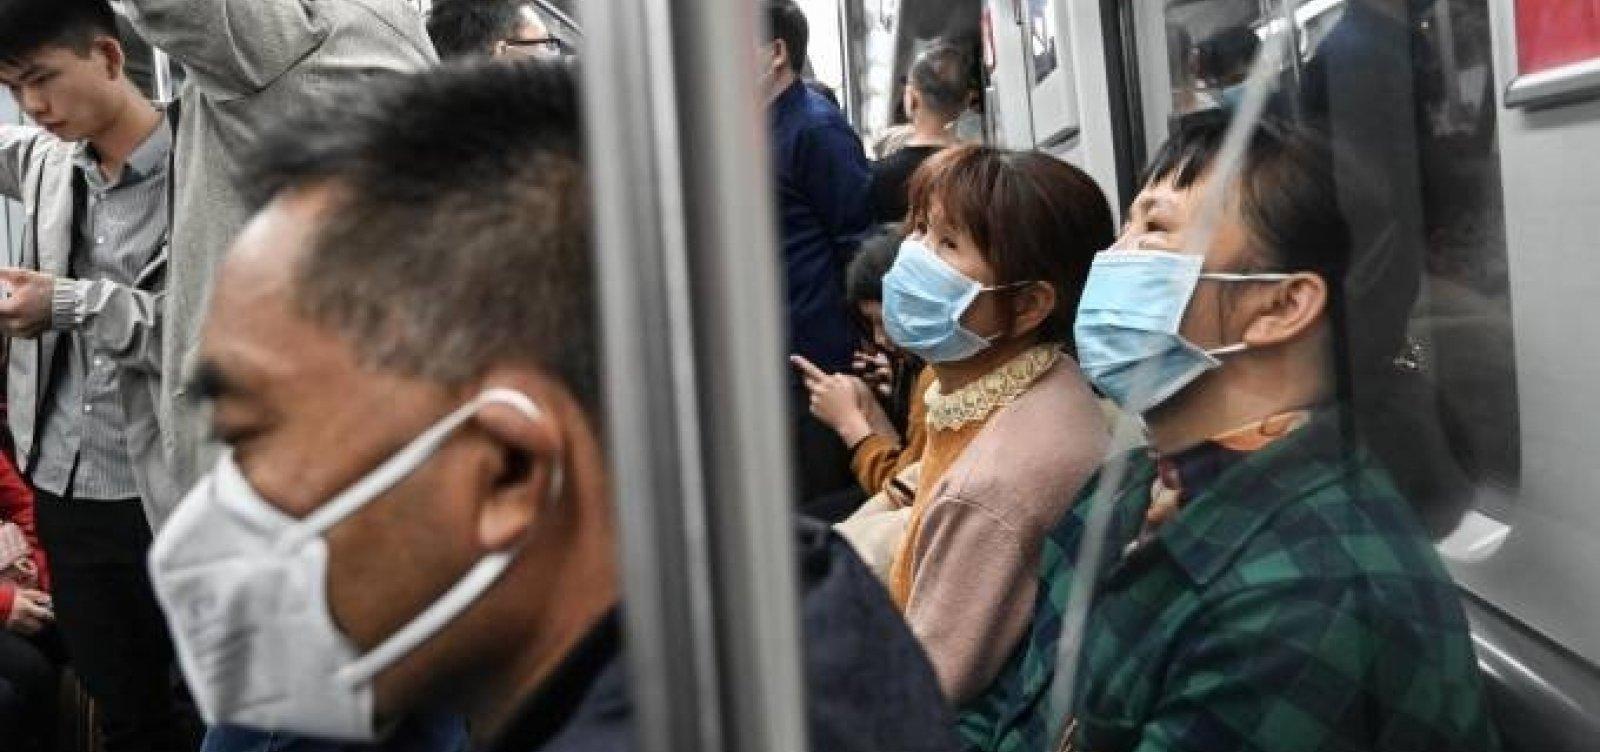 [Pequim ordena quarentena para grupos de risco e fecha escolas devido a novo surto de Covid-19]